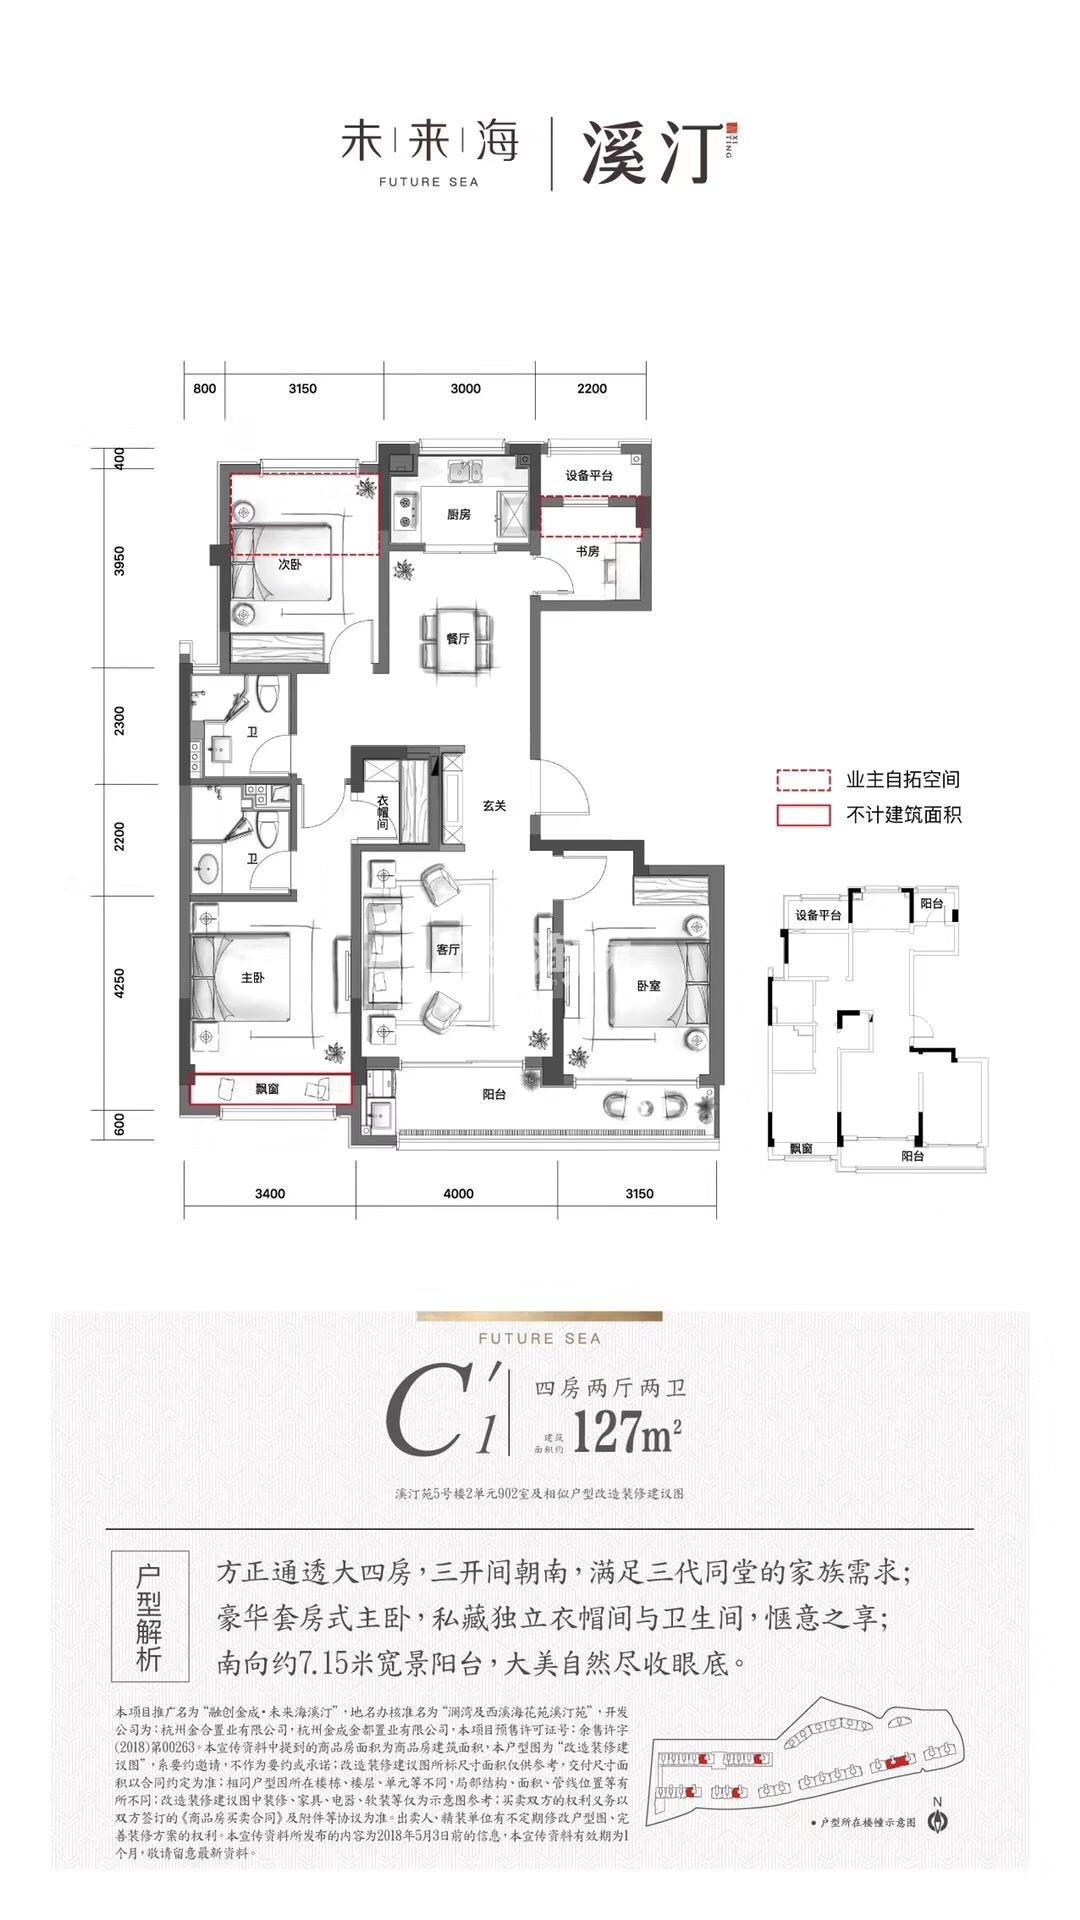 融创金成未来海南区1、2、5、9、10号楼C1'户型127方